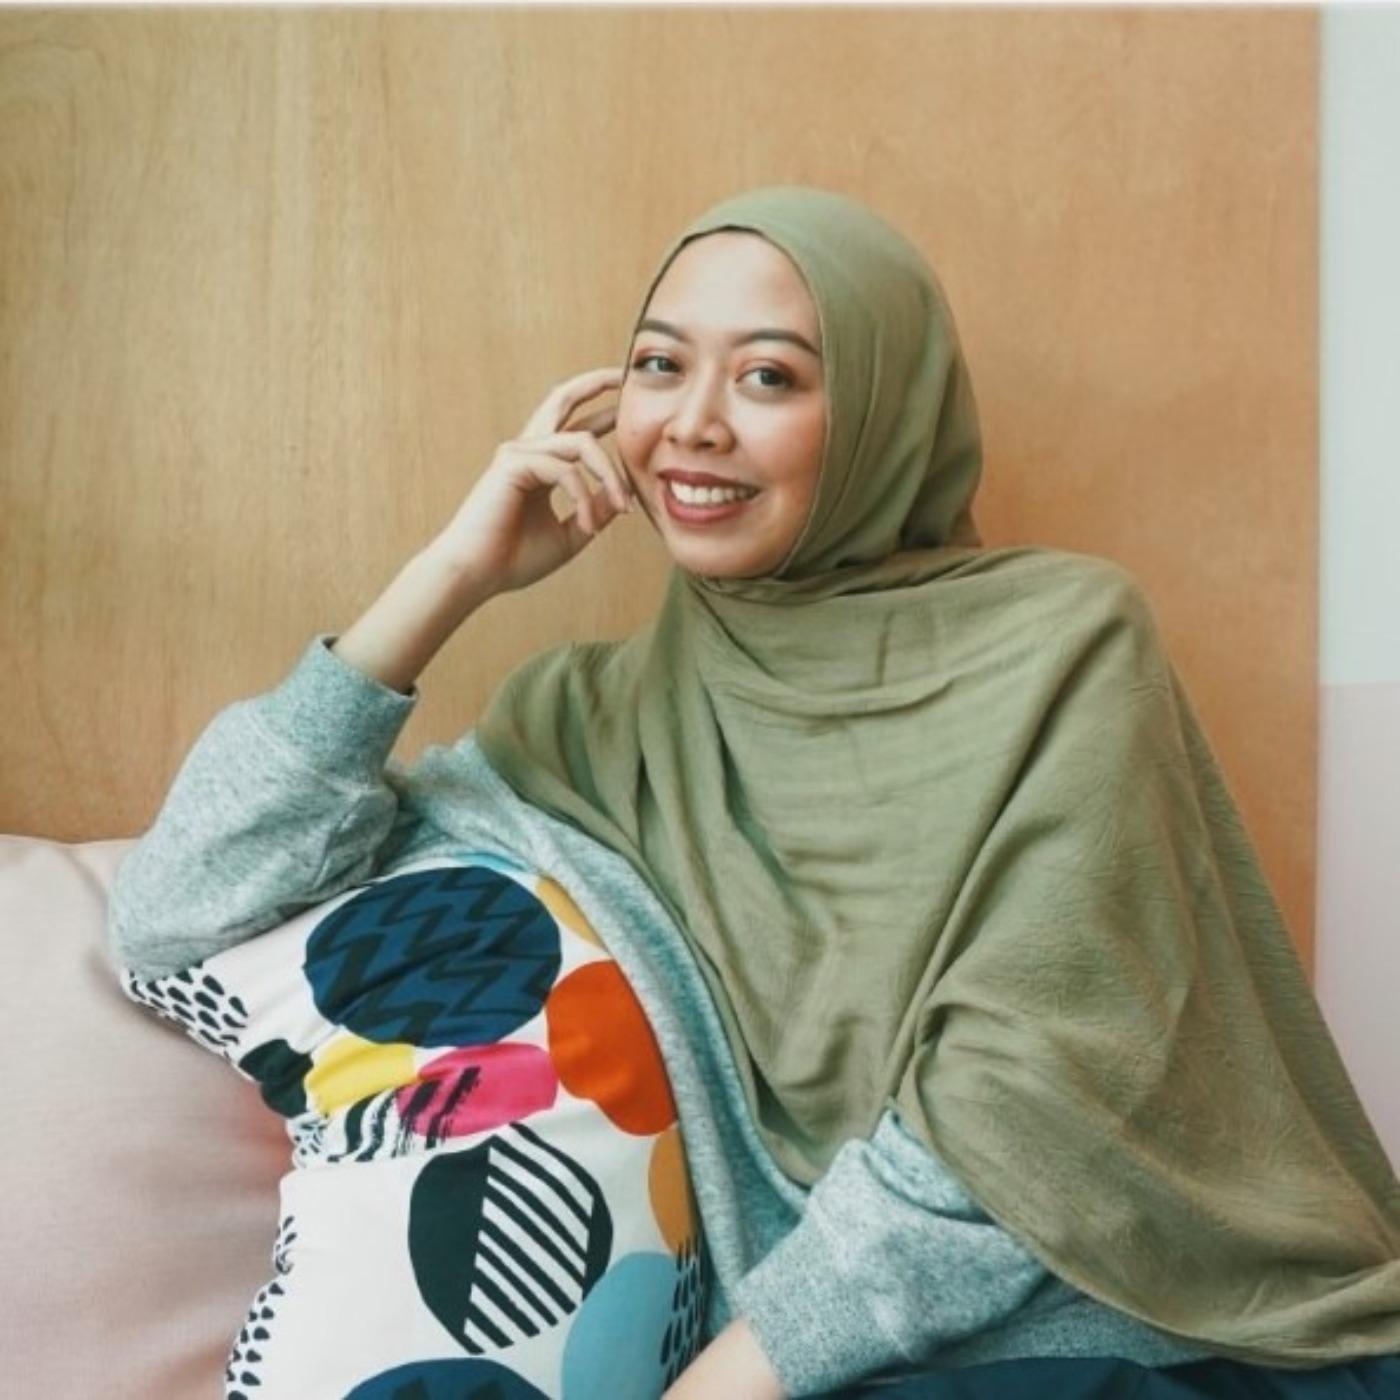 Manajemen Emosi, feat. @RadenPrisya